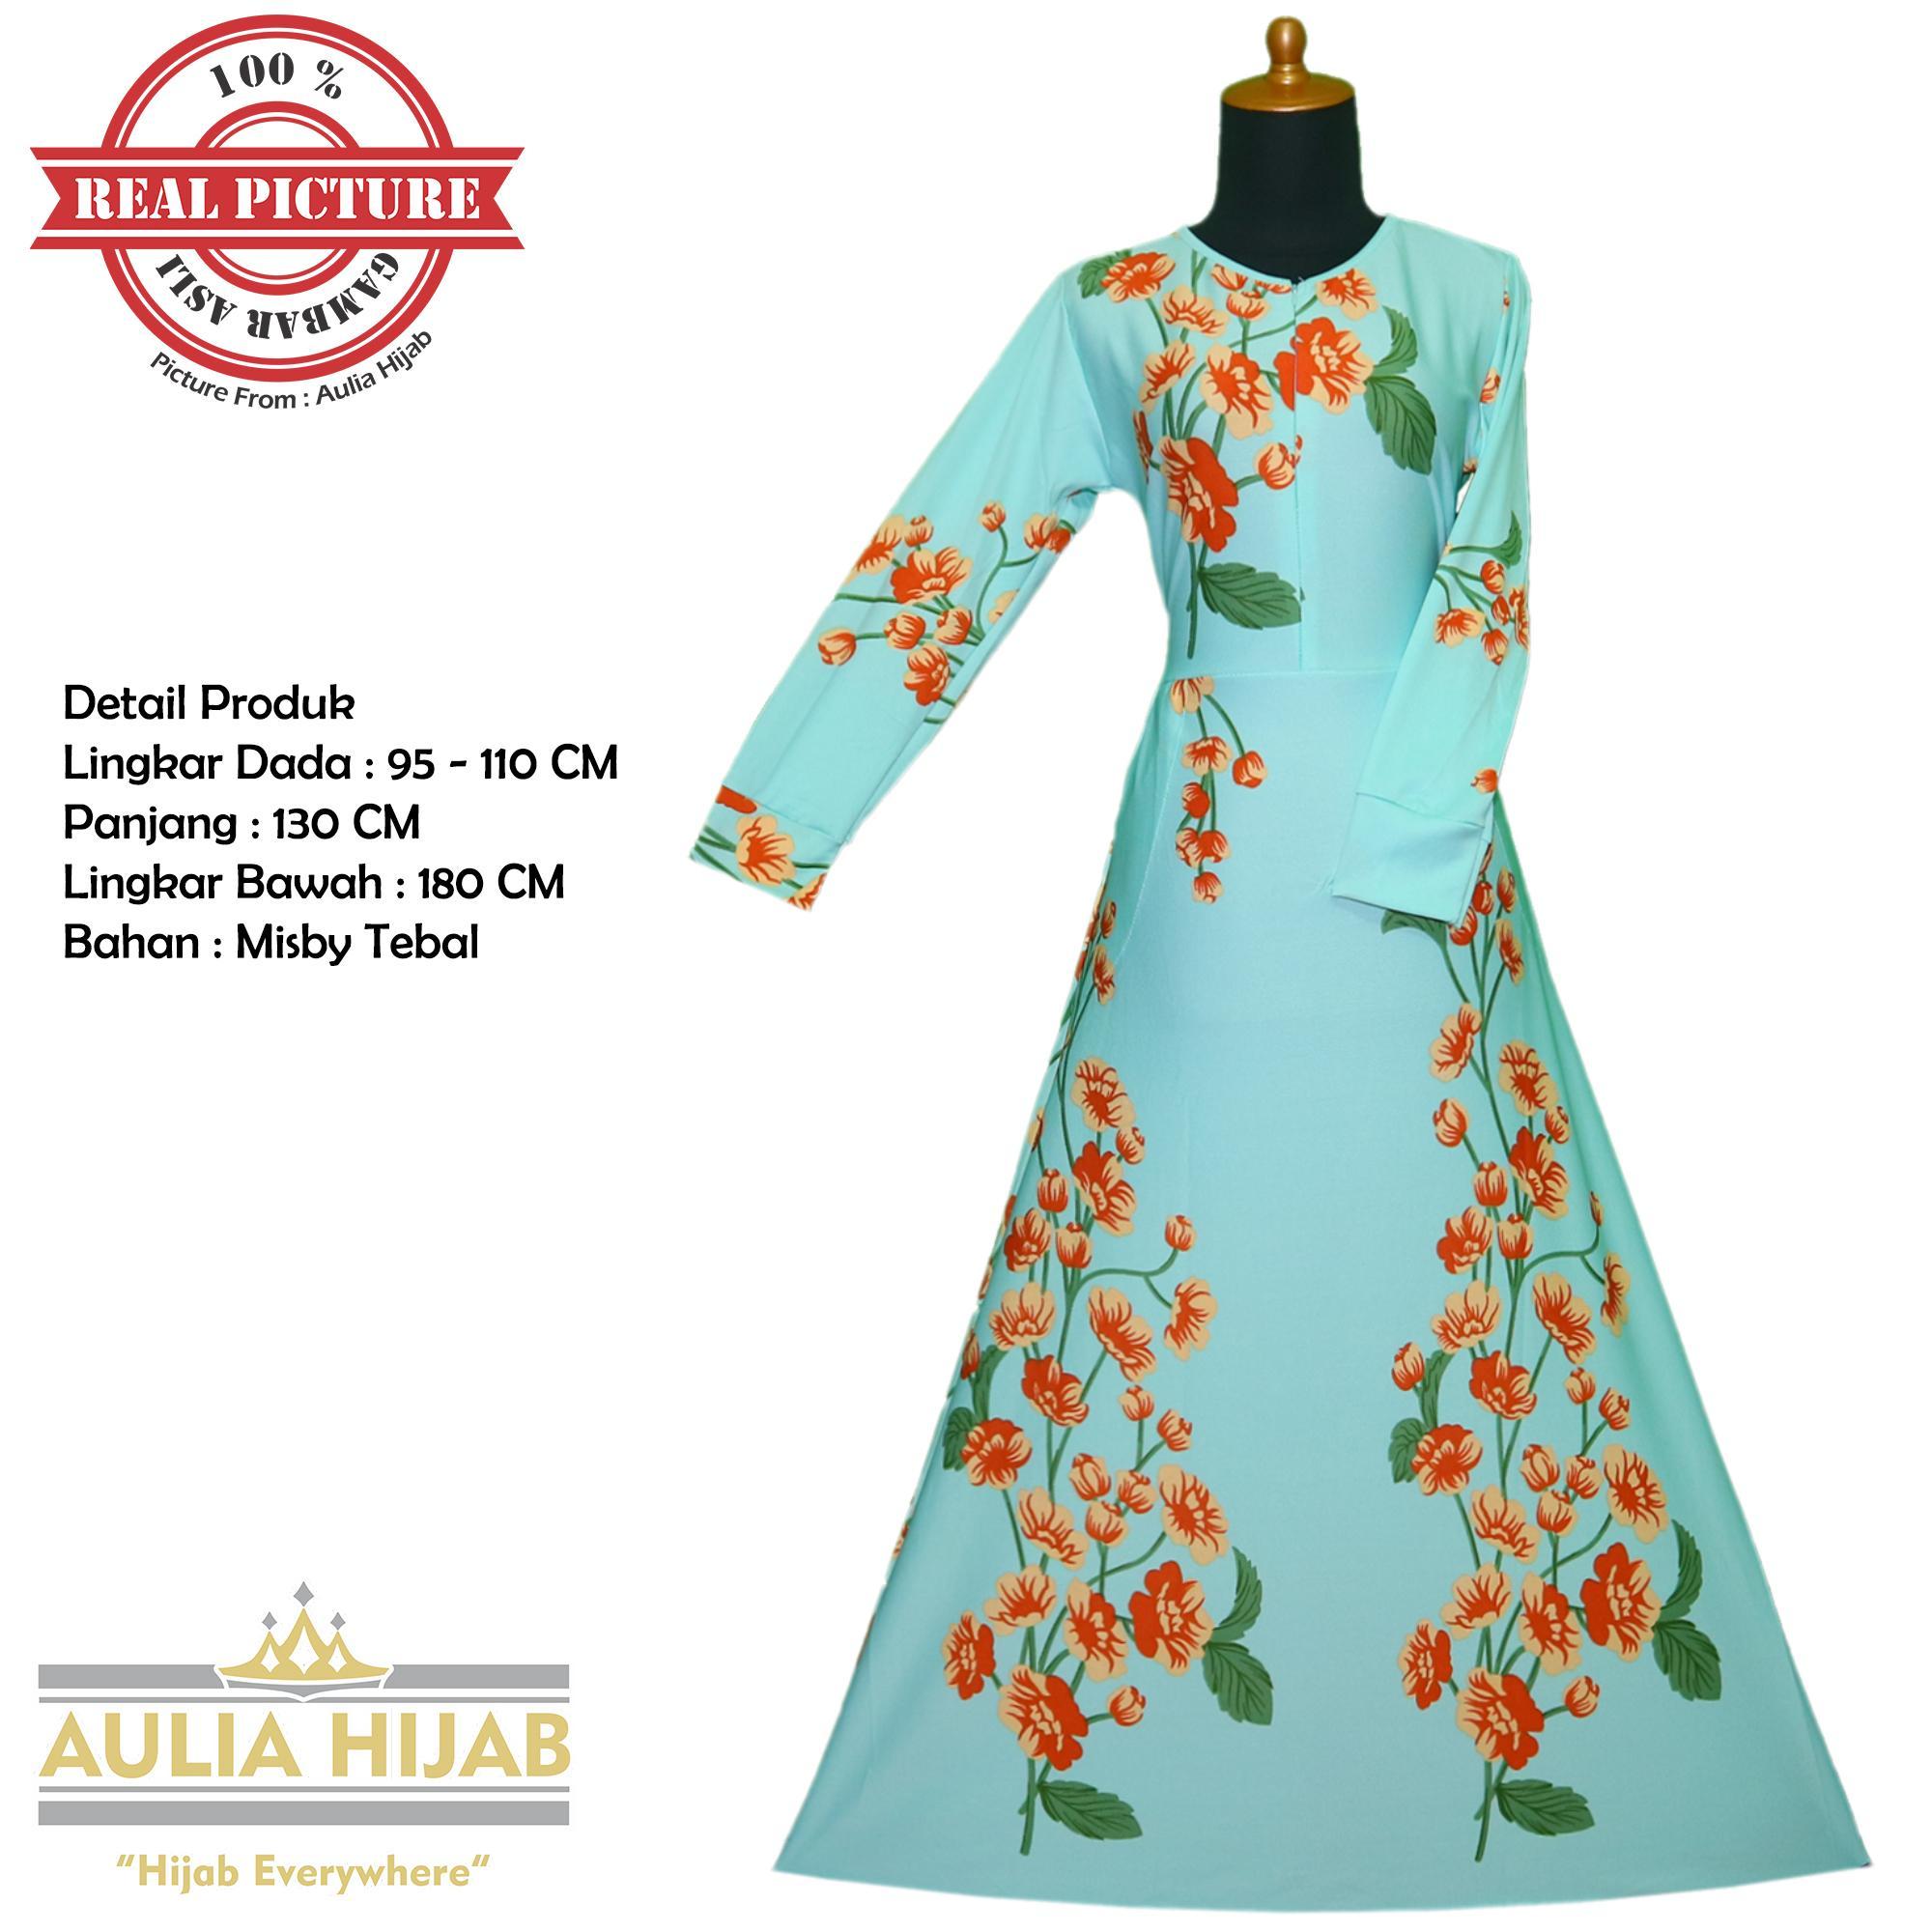 Aulia Hijab - Gamis Khalisa Dress Terlaris Bahan Misby/Gamis Murah/Gamis Terbaru/Gamis Cantik/Gamis Busui/Gamis Pesta/Gamis Santai/Gamis Kerja/Gamis Murah/Gamis Real Picture/Gamis Best Seller